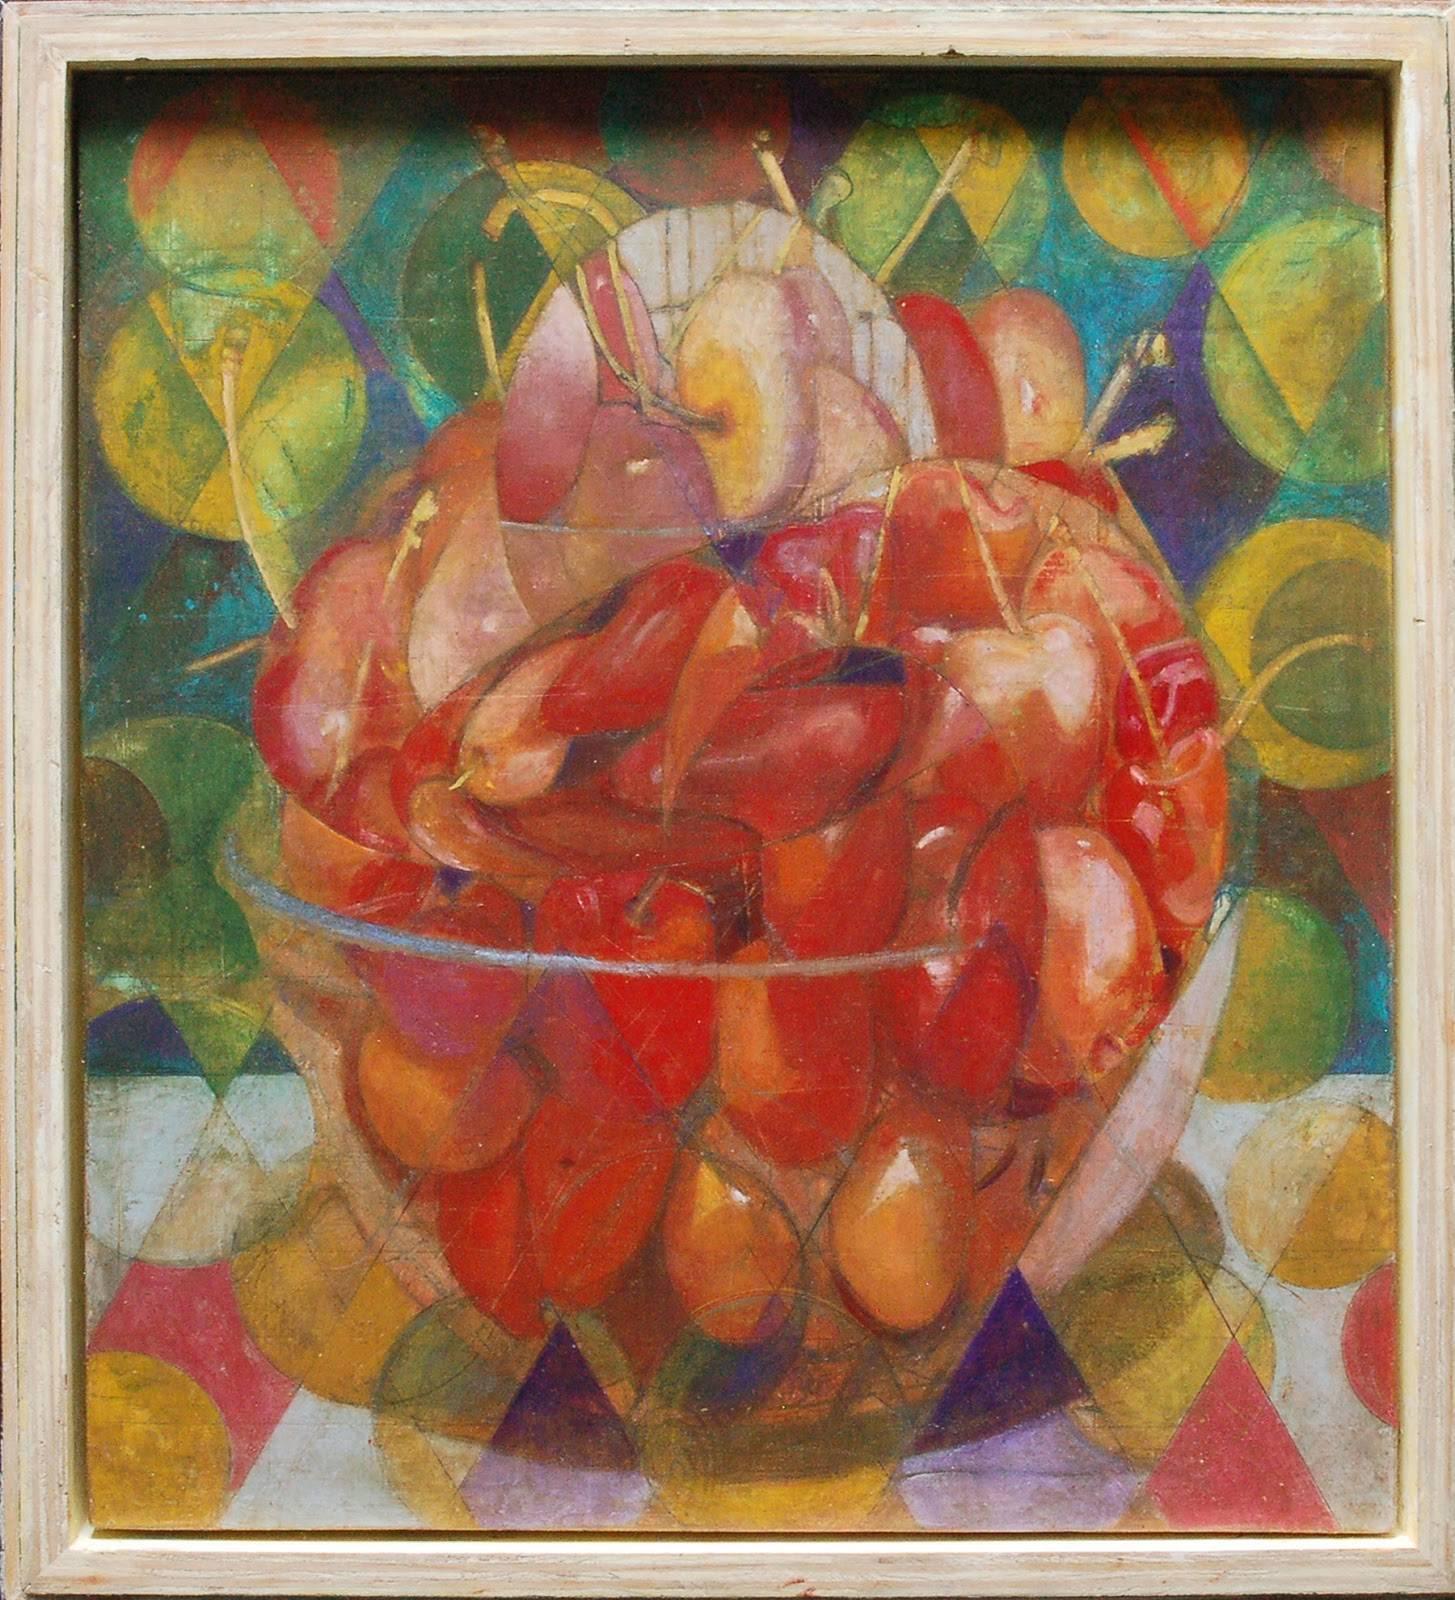 Fruit Bowl #1